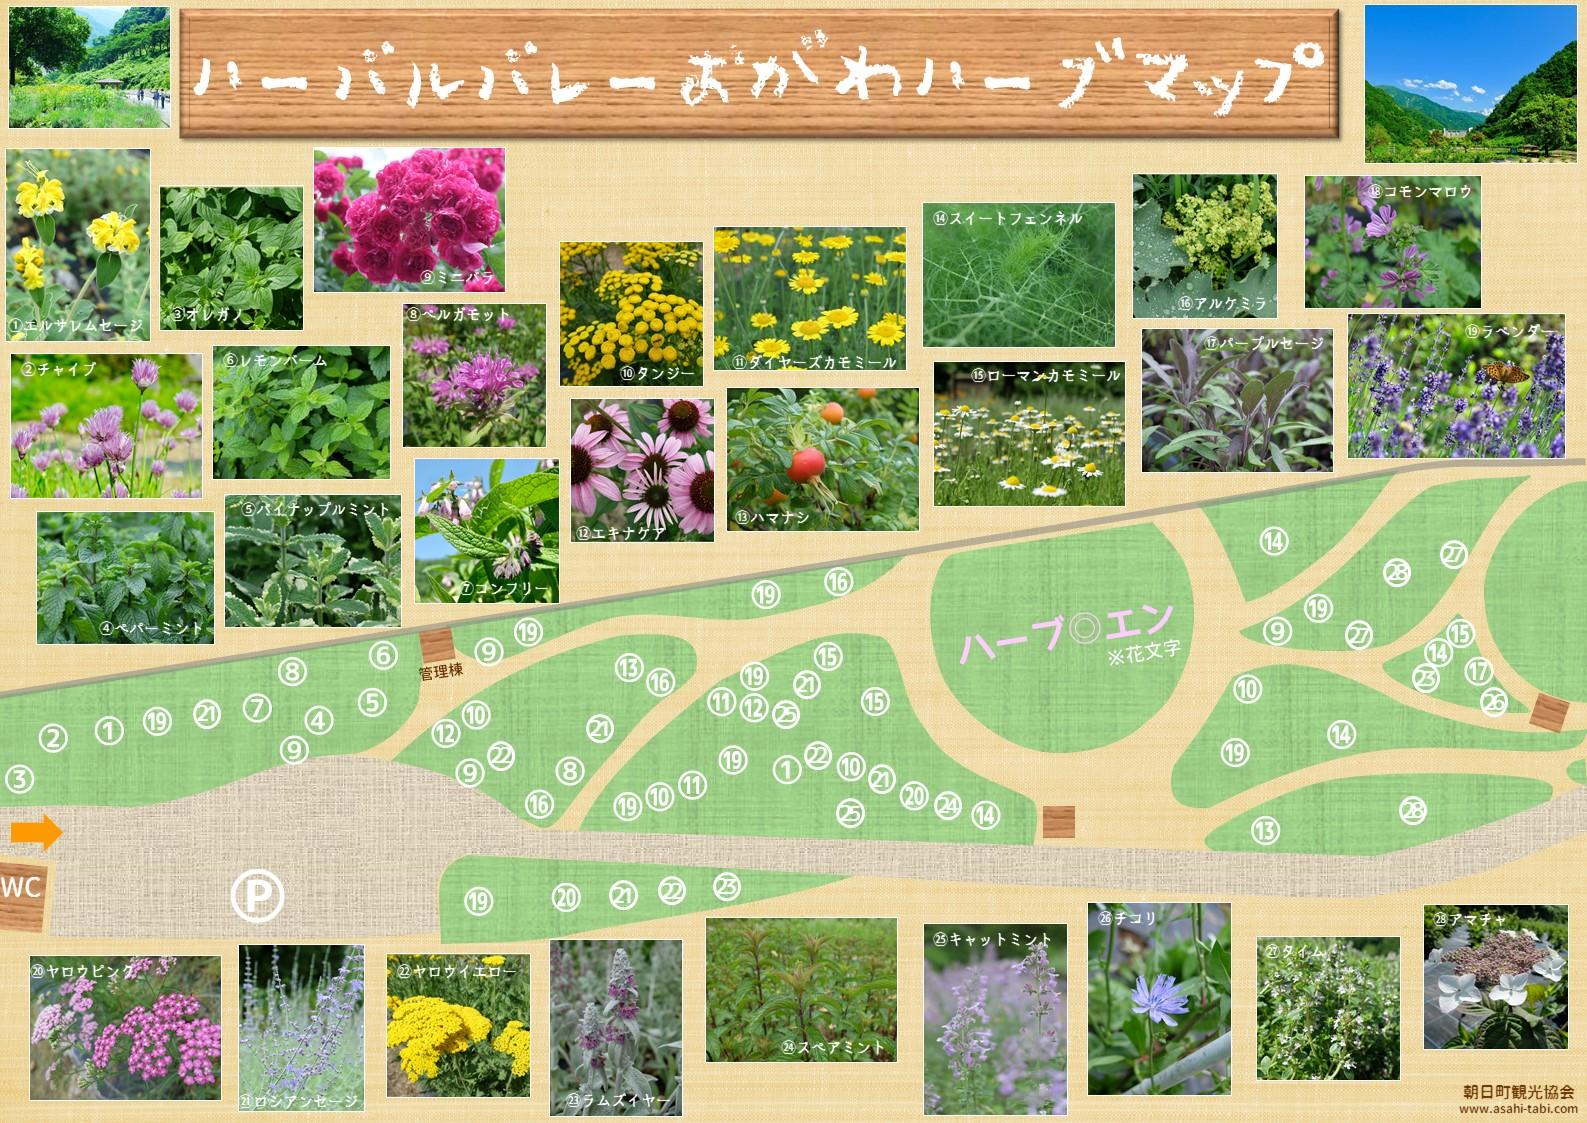 ハーブ園散策MAP